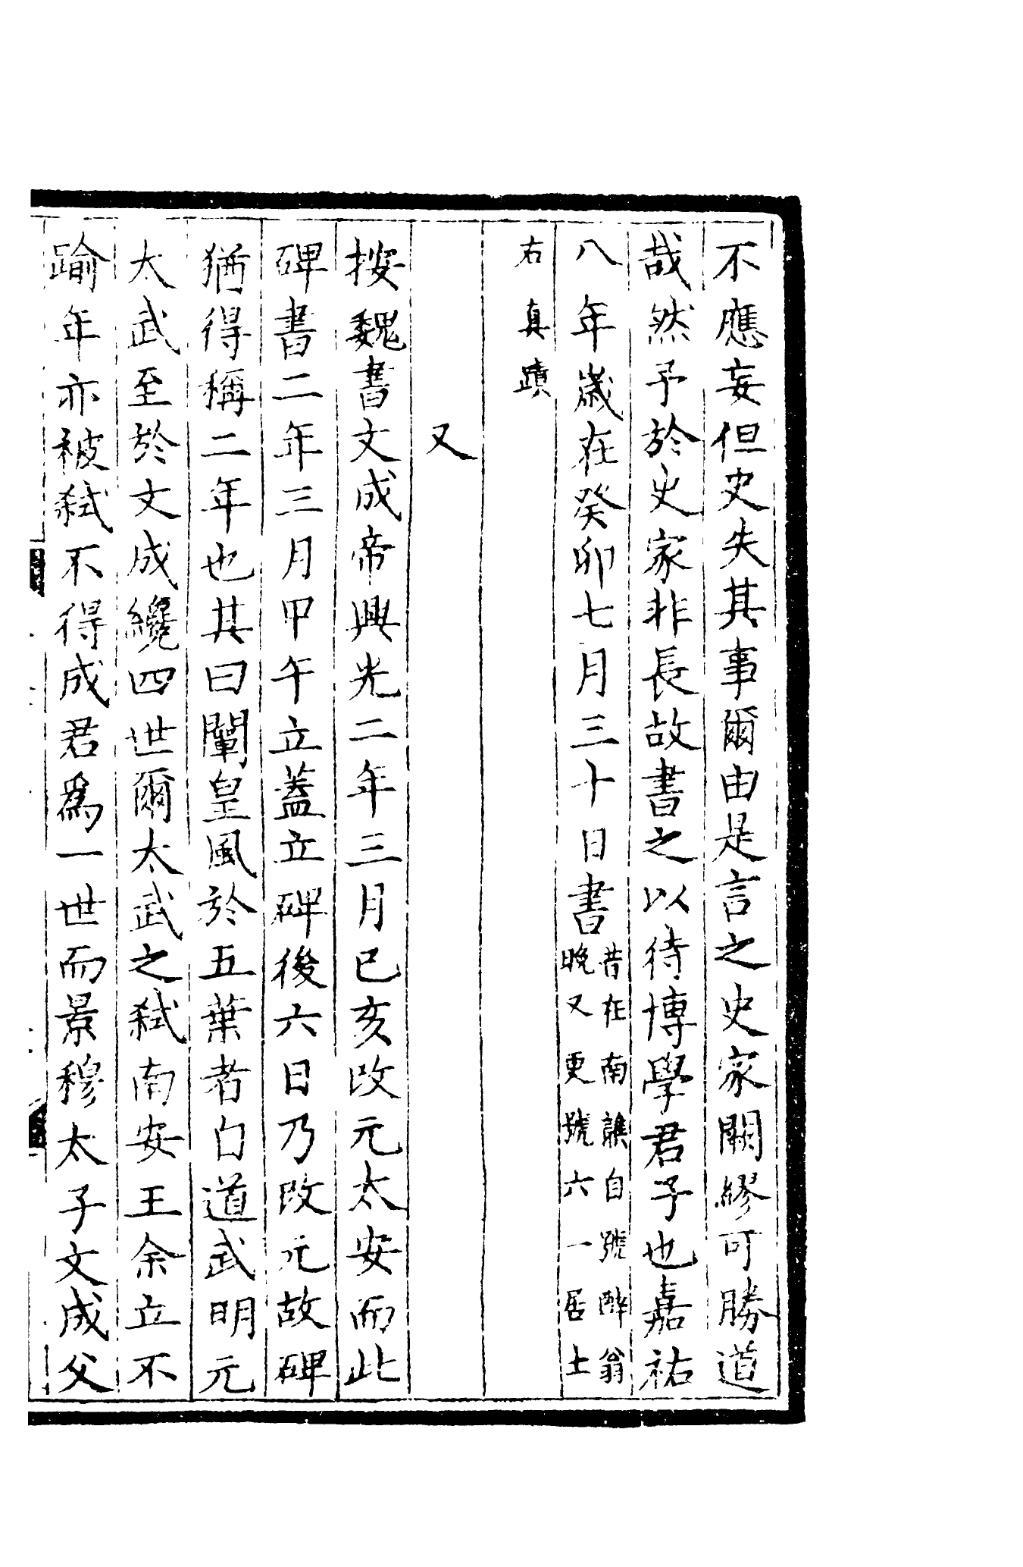 頁面:Sibu Congkan0916-歐陽脩-歐陽文忠公文集-36-31.djvu/32 - 維基文庫,自由的圖書館